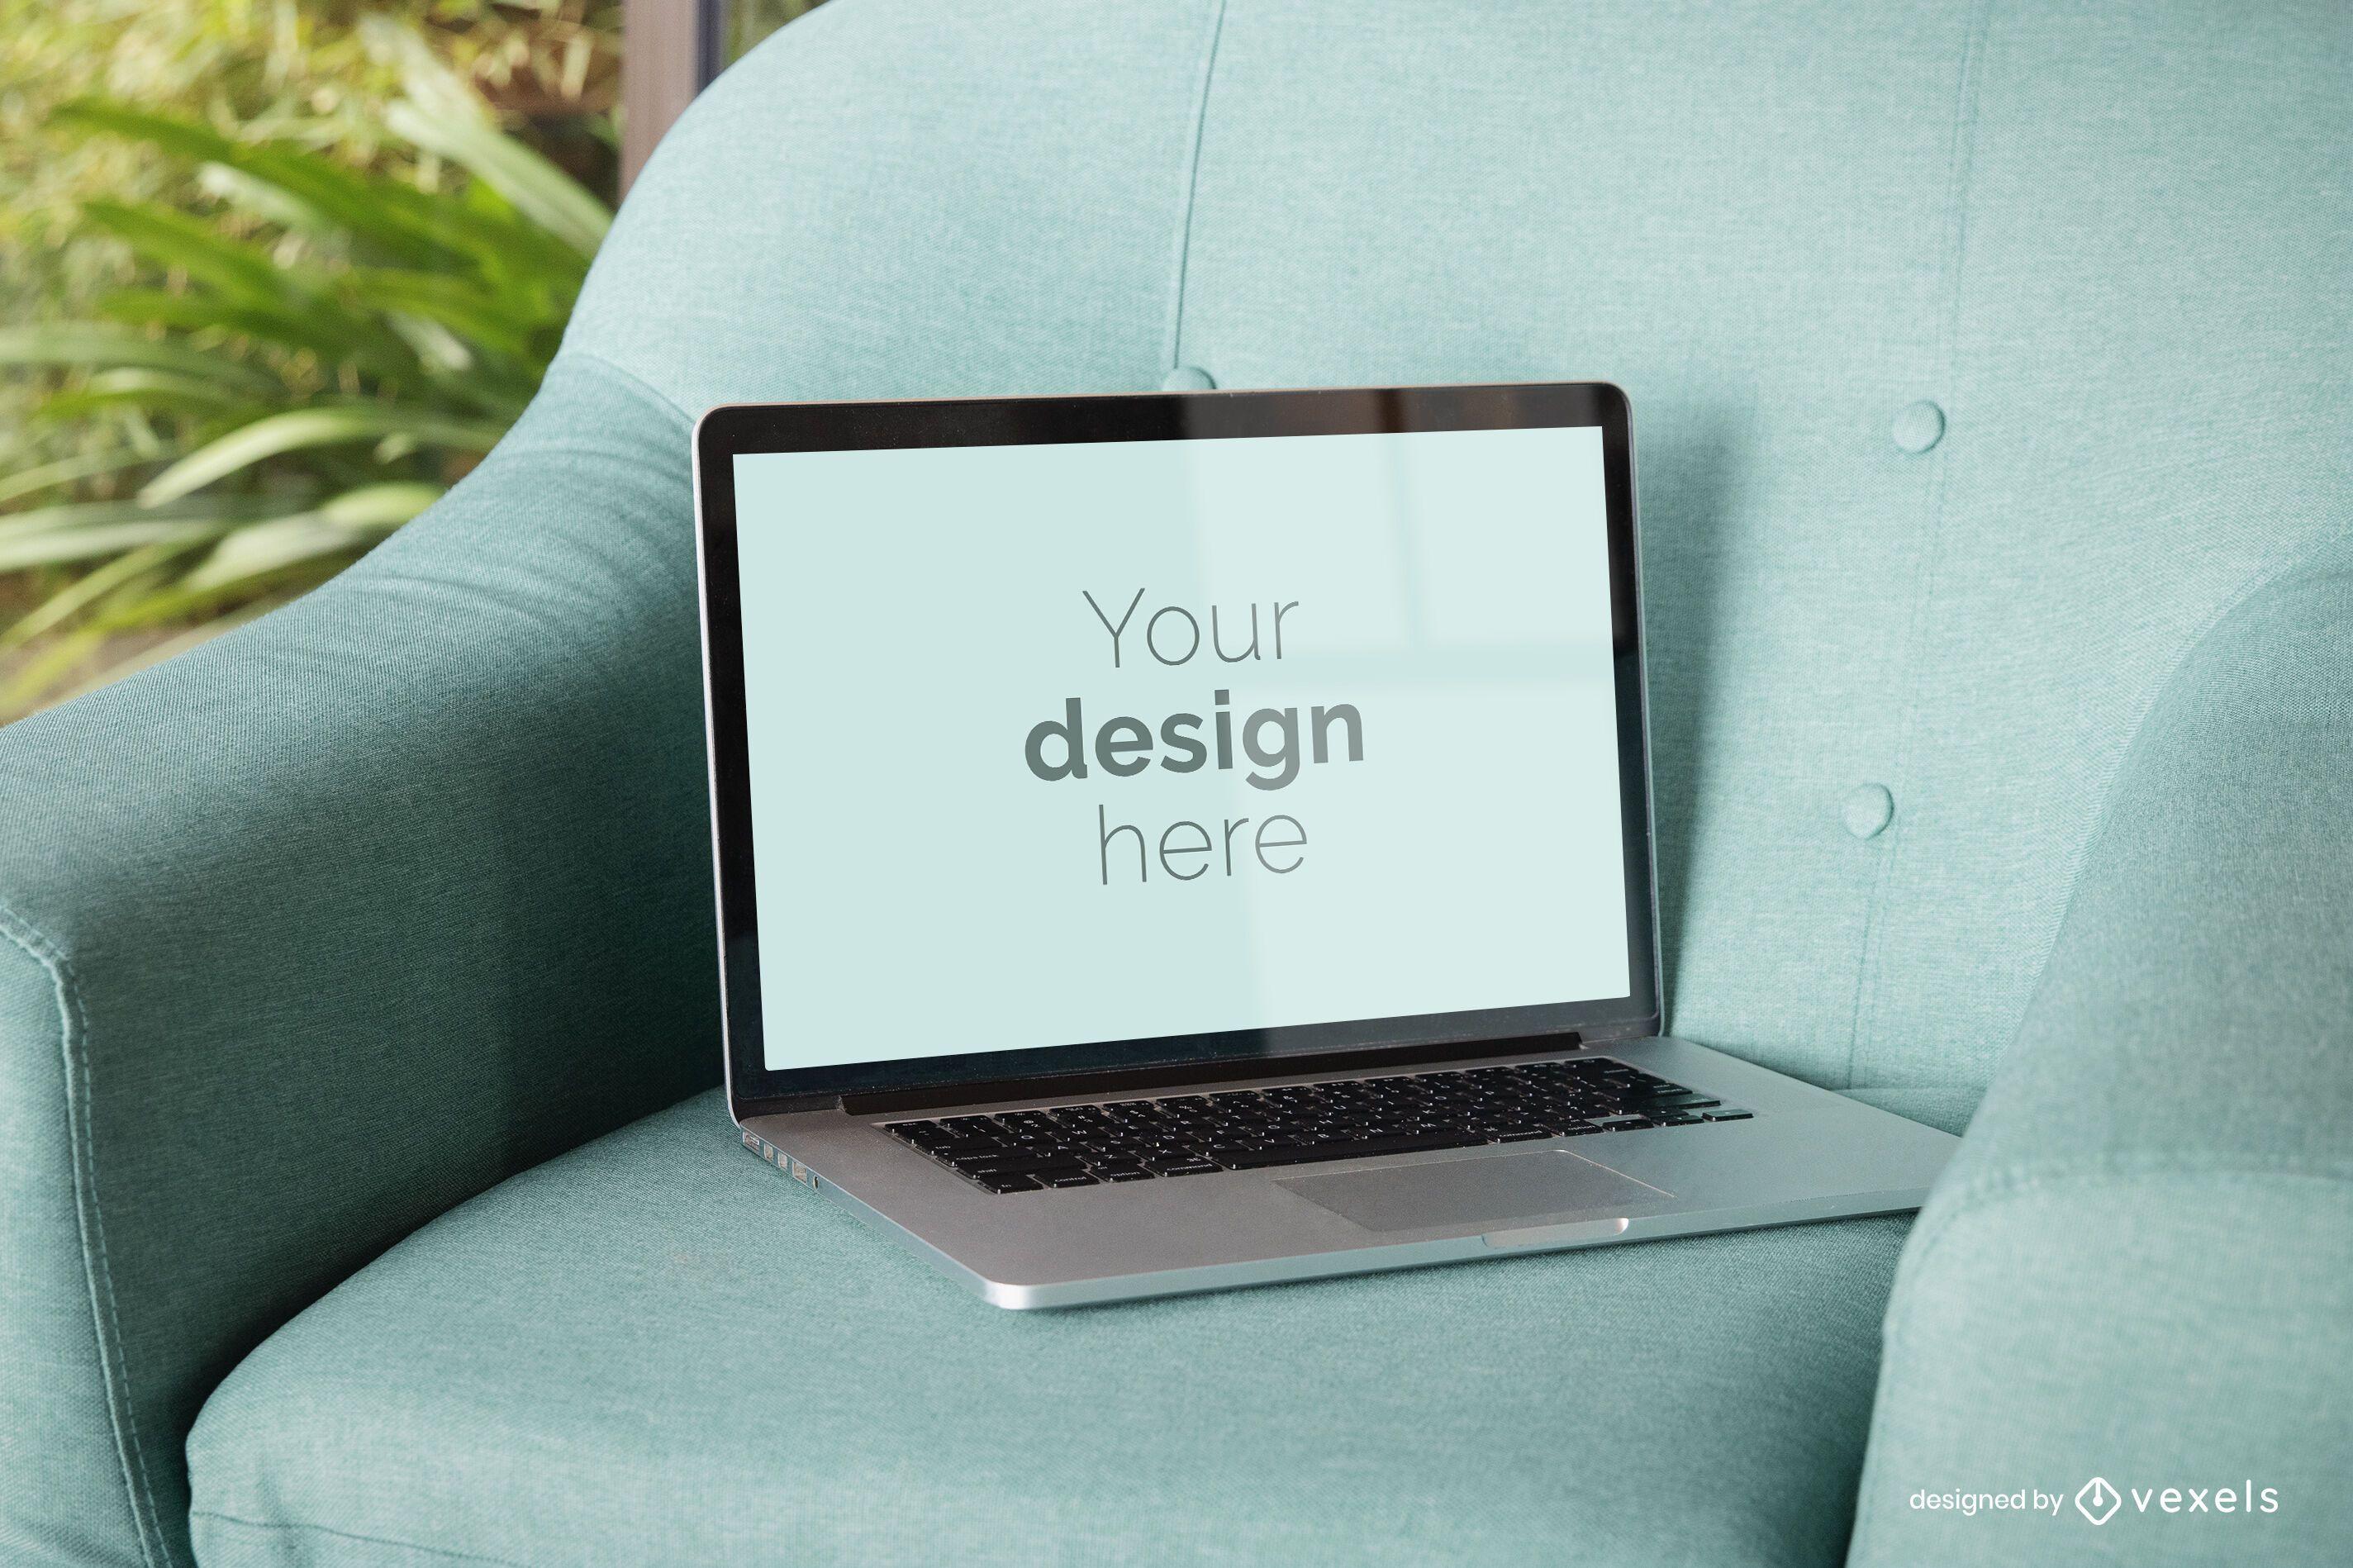 Dise?o de maqueta de silla para computadora port?til